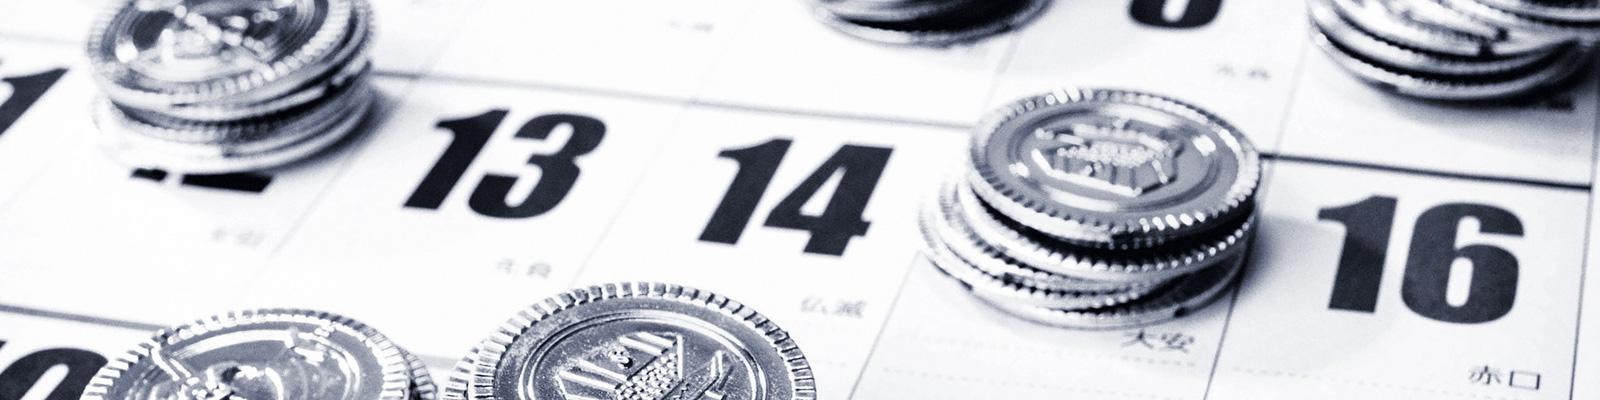 カレンダー 休日 賃金 イメージ